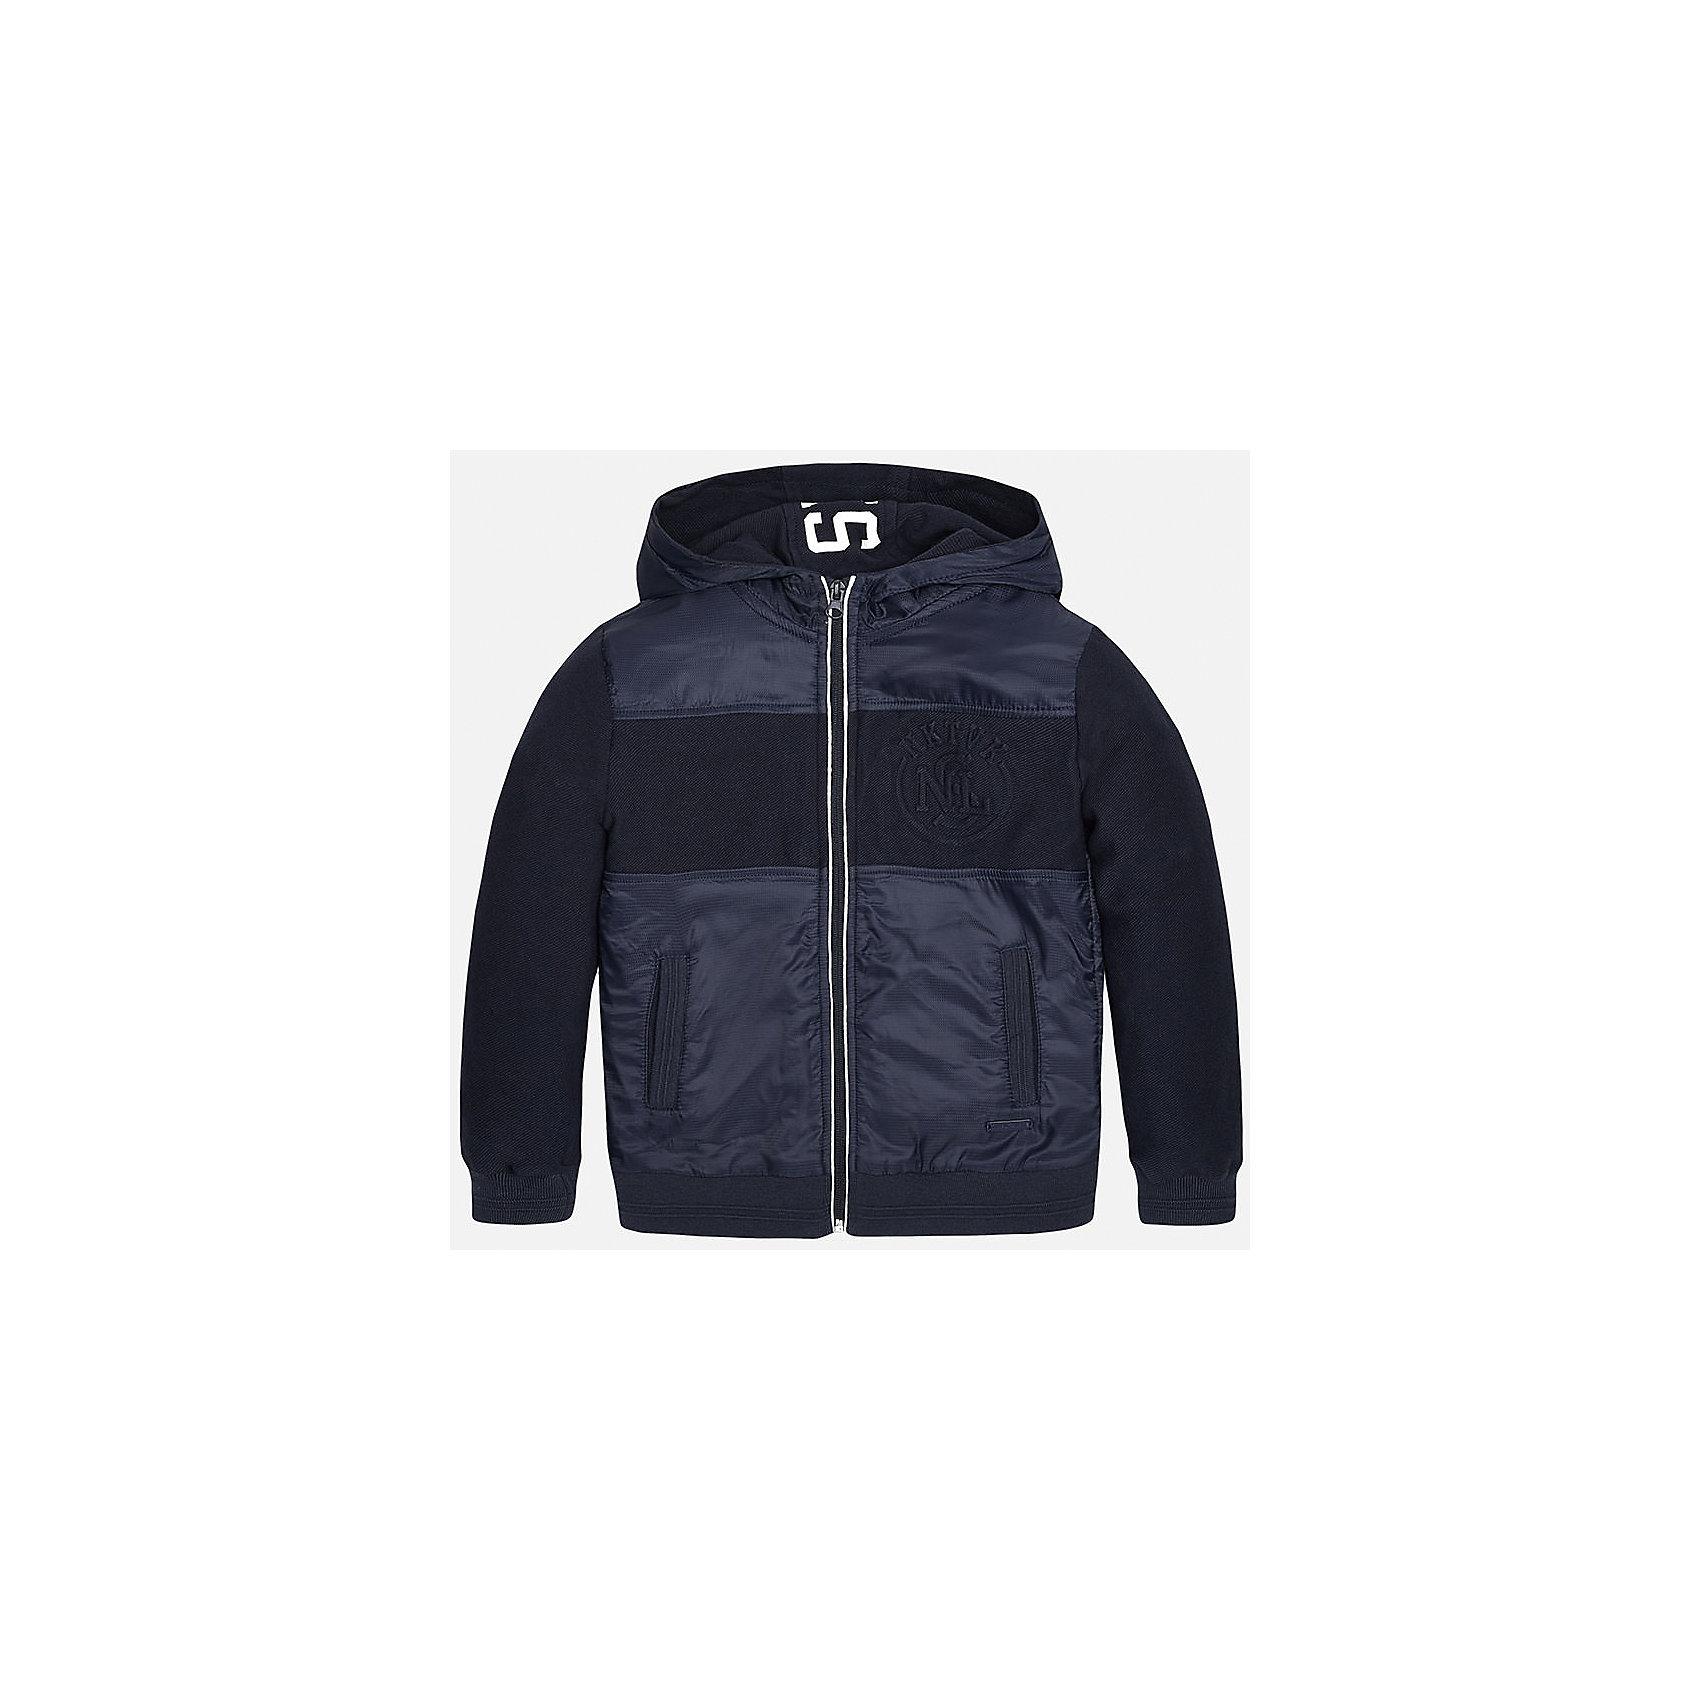 Куртка для мальчика MayoralВетровки и жакеты<br>Характеристики товара:<br><br>• цвет: синий<br>• состав: 65% полиамид, 20% хлопок, 15% полиэстер, подкладка - 100% полиэстер<br>• температурный режим: от +15°до +10°С<br>• капюшон<br>• карманы<br>• застежка: молния<br>• вышивка<br>• страна бренда: Испания<br><br>Модная куртка для мальчика может стать базовой вещью в гардеробе ребенка. Она отлично сочетается с майками, футболками, рубашками и т.д. Универсальный крой и цвет позволяет подобрать к вещи низ разных расцветок. Практичное и стильное изделие! В составе материала - натуральный хлопок, гипоаллергенный, приятный на ощупь, дышащий.<br><br>Одежда, обувь и аксессуары от испанского бренда Mayoral полюбились детям и взрослым по всему миру. Модели этой марки - стильные и удобные. Для их производства используются только безопасные, качественные материалы и фурнитура. Порадуйте ребенка модными и красивыми вещами от Mayoral! <br><br>Куртку для мальчика от испанского бренда Mayoral (Майорал) можно купить в нашем интернет-магазине.<br><br>Ширина мм: 356<br>Глубина мм: 10<br>Высота мм: 245<br>Вес г: 519<br>Цвет: синий<br>Возраст от месяцев: 84<br>Возраст до месяцев: 96<br>Пол: Мужской<br>Возраст: Детский<br>Размер: 128/134,170,164,158,152,140<br>SKU: 5281961